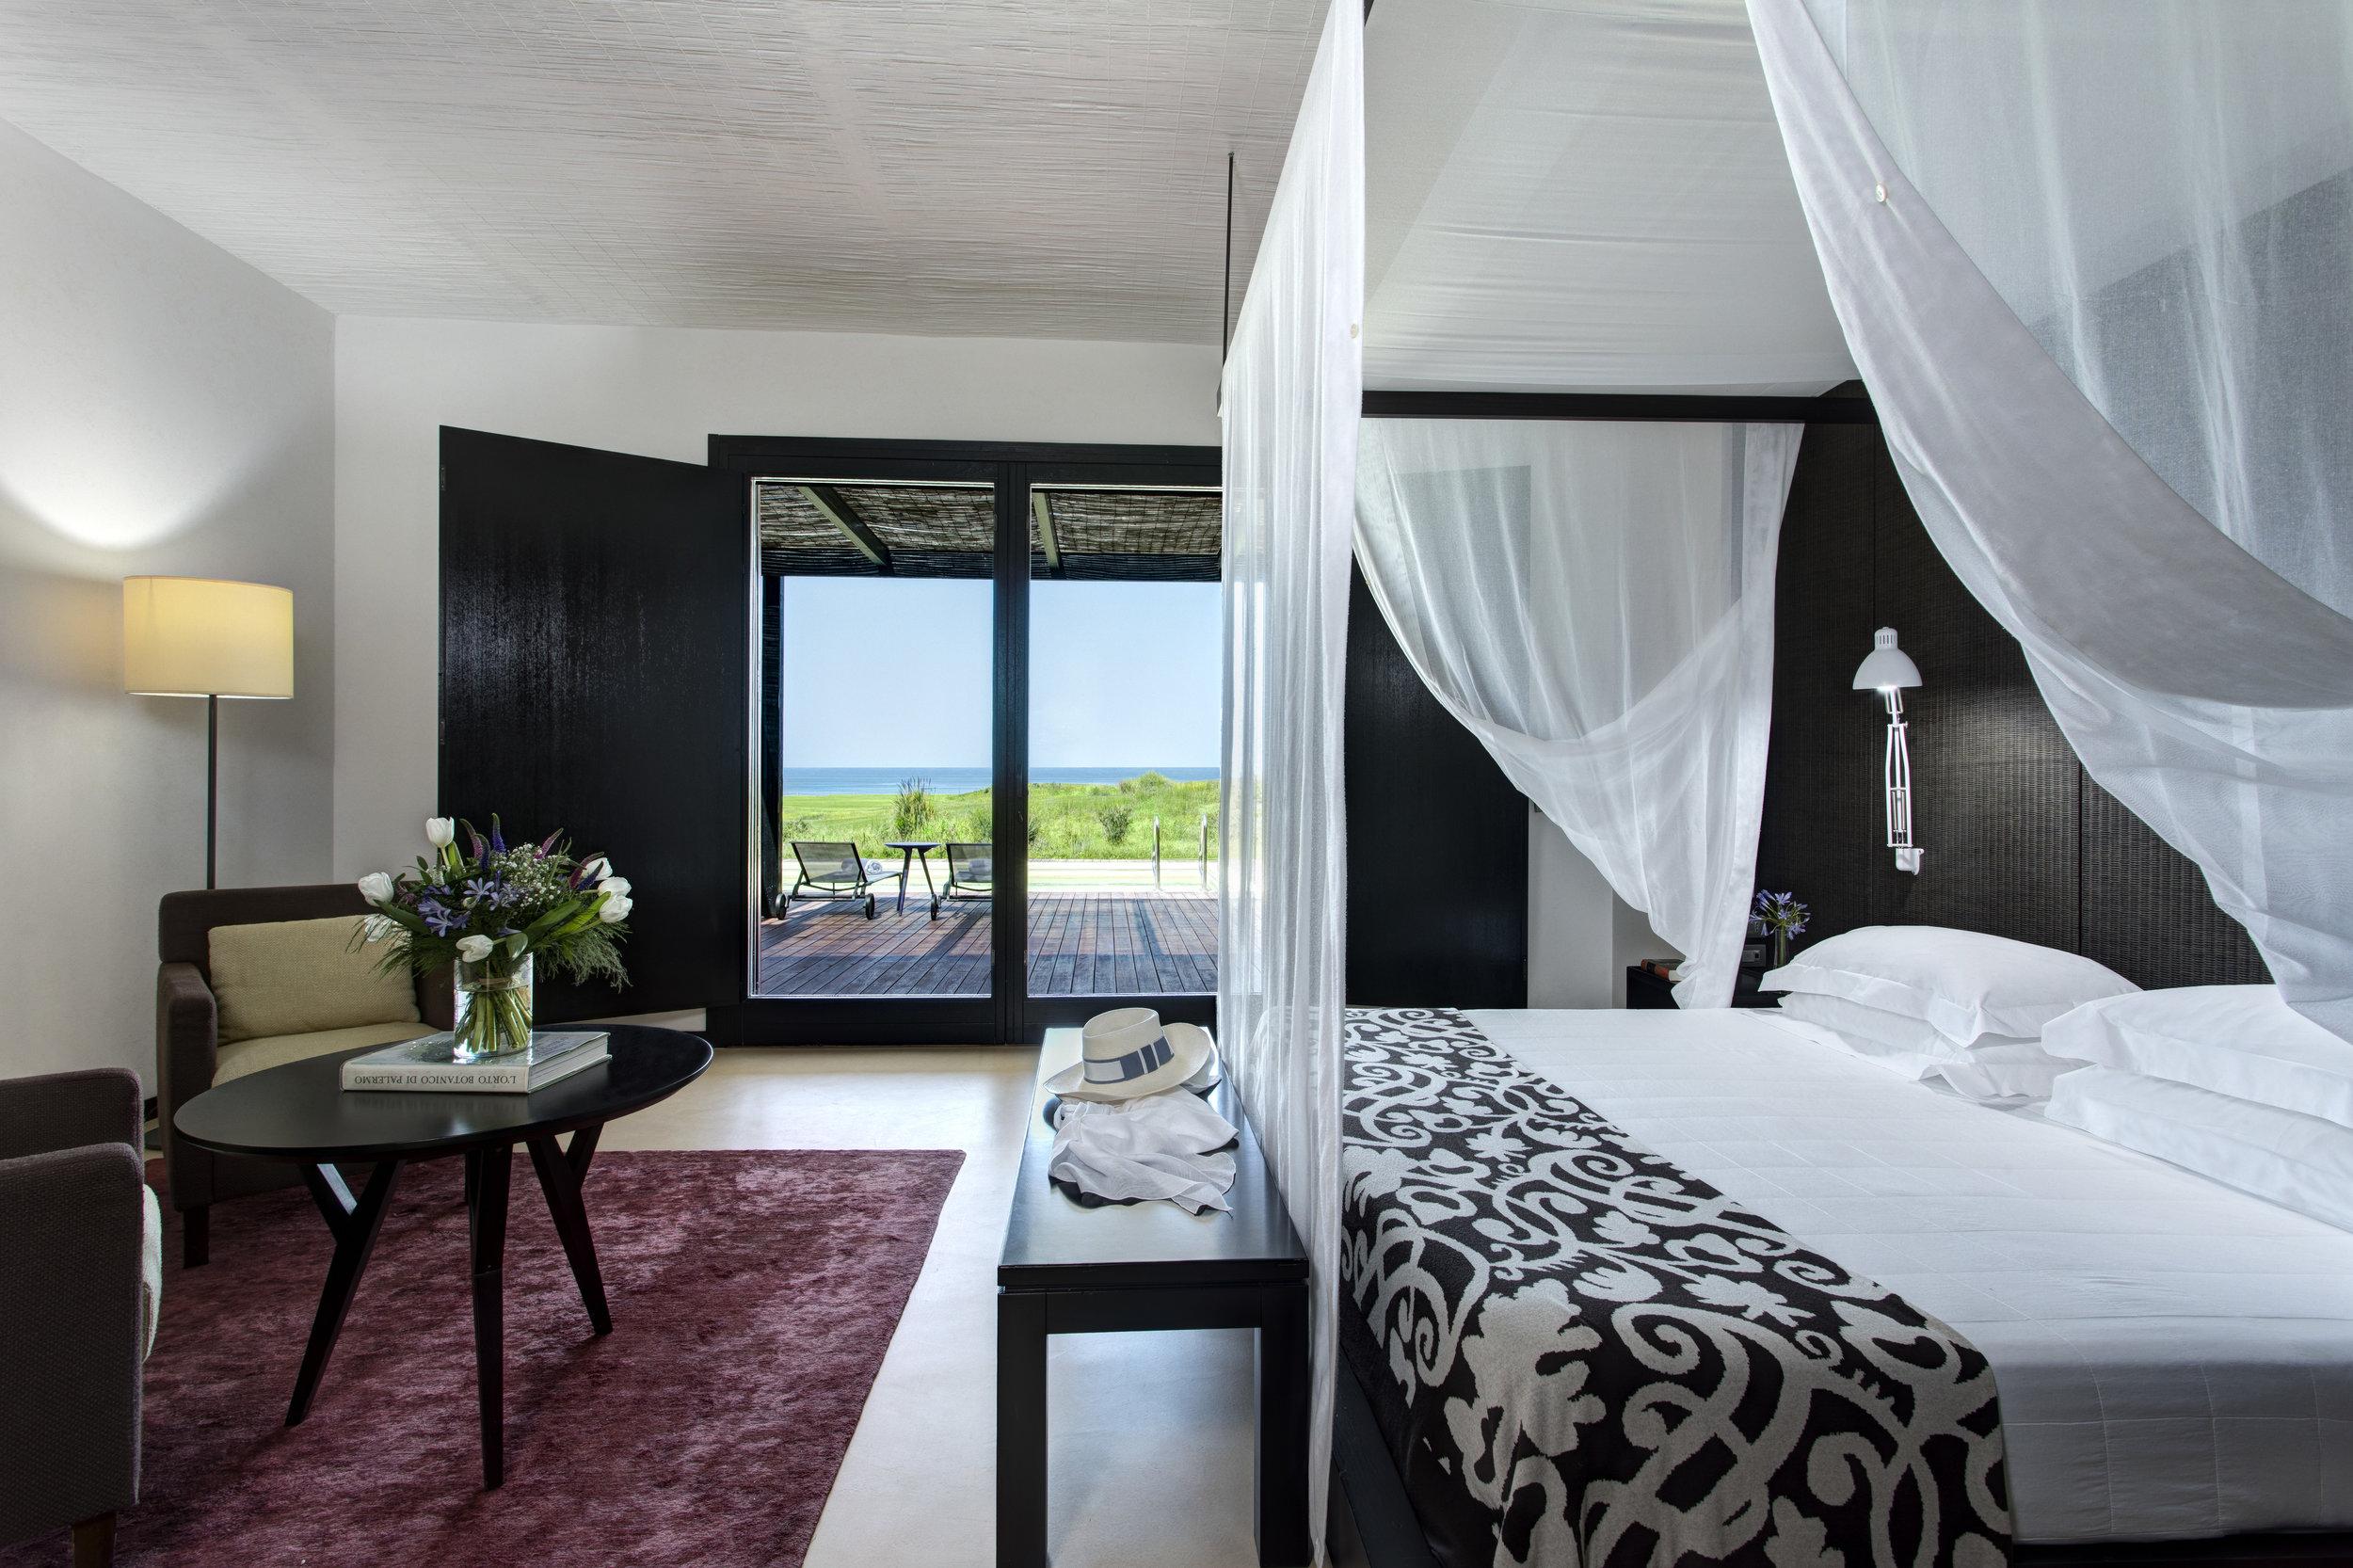 32 RFH Verdura Resort - Villa Peonia 4607 Jul 17.JPG